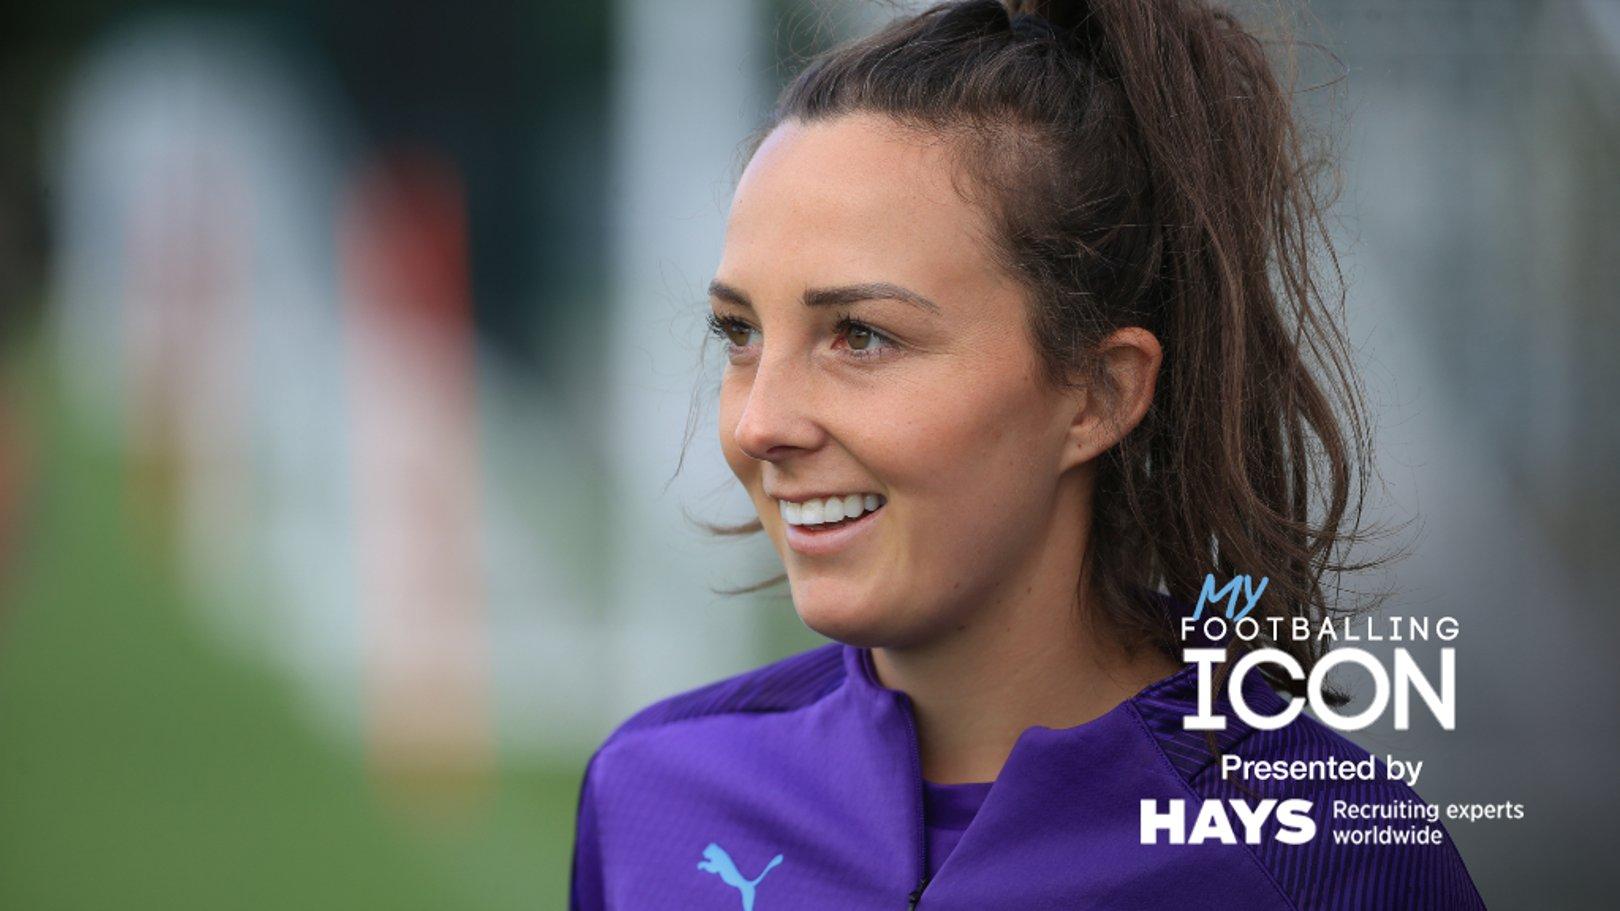 My Footballing Icon: Caroline Weir